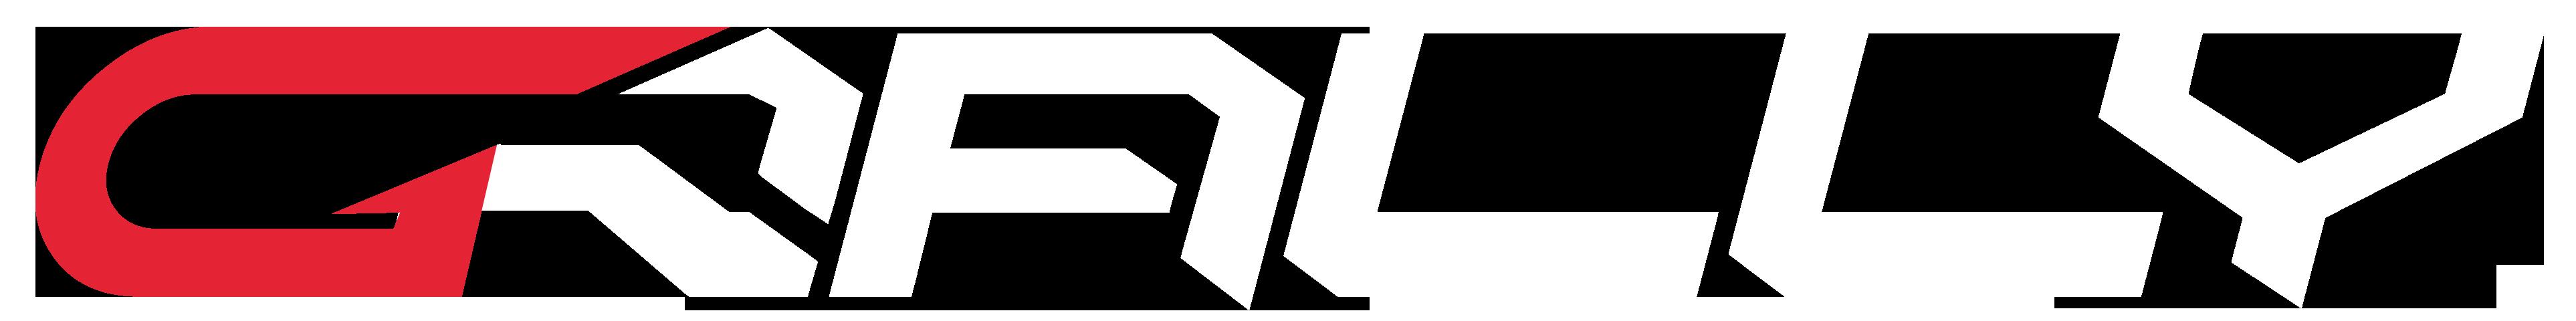 gRally_logo_blackbg